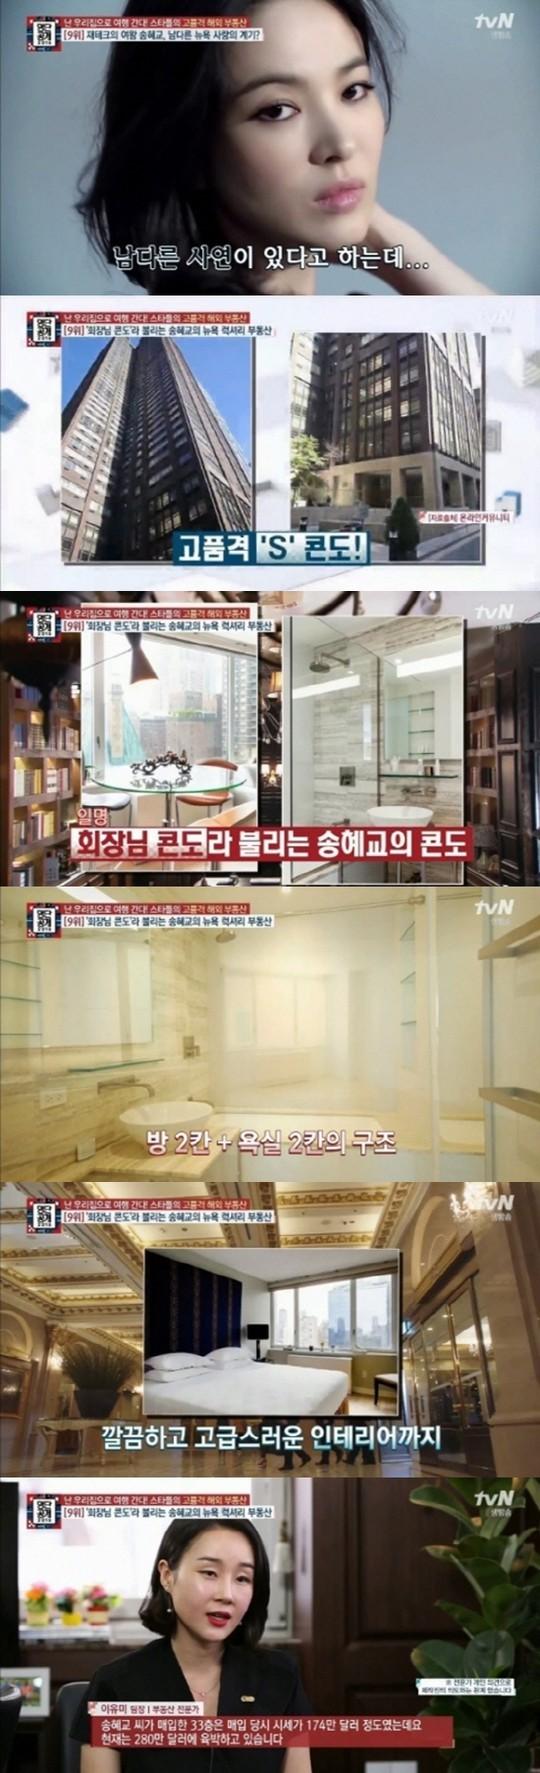 韩媒报道宋慧乔纽约房产